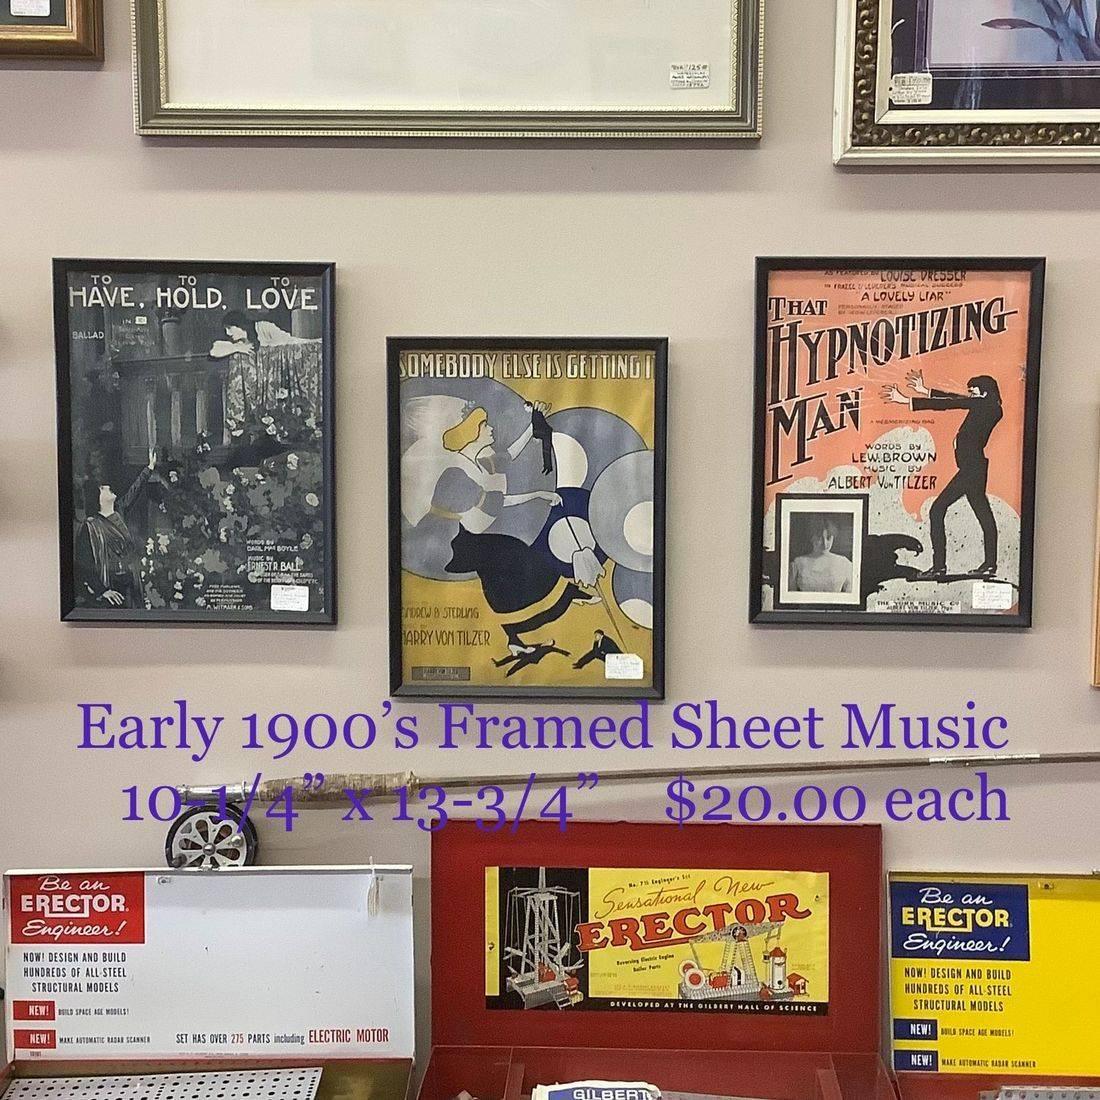 Early 1900's Framed Sheet Music  $20.00 each